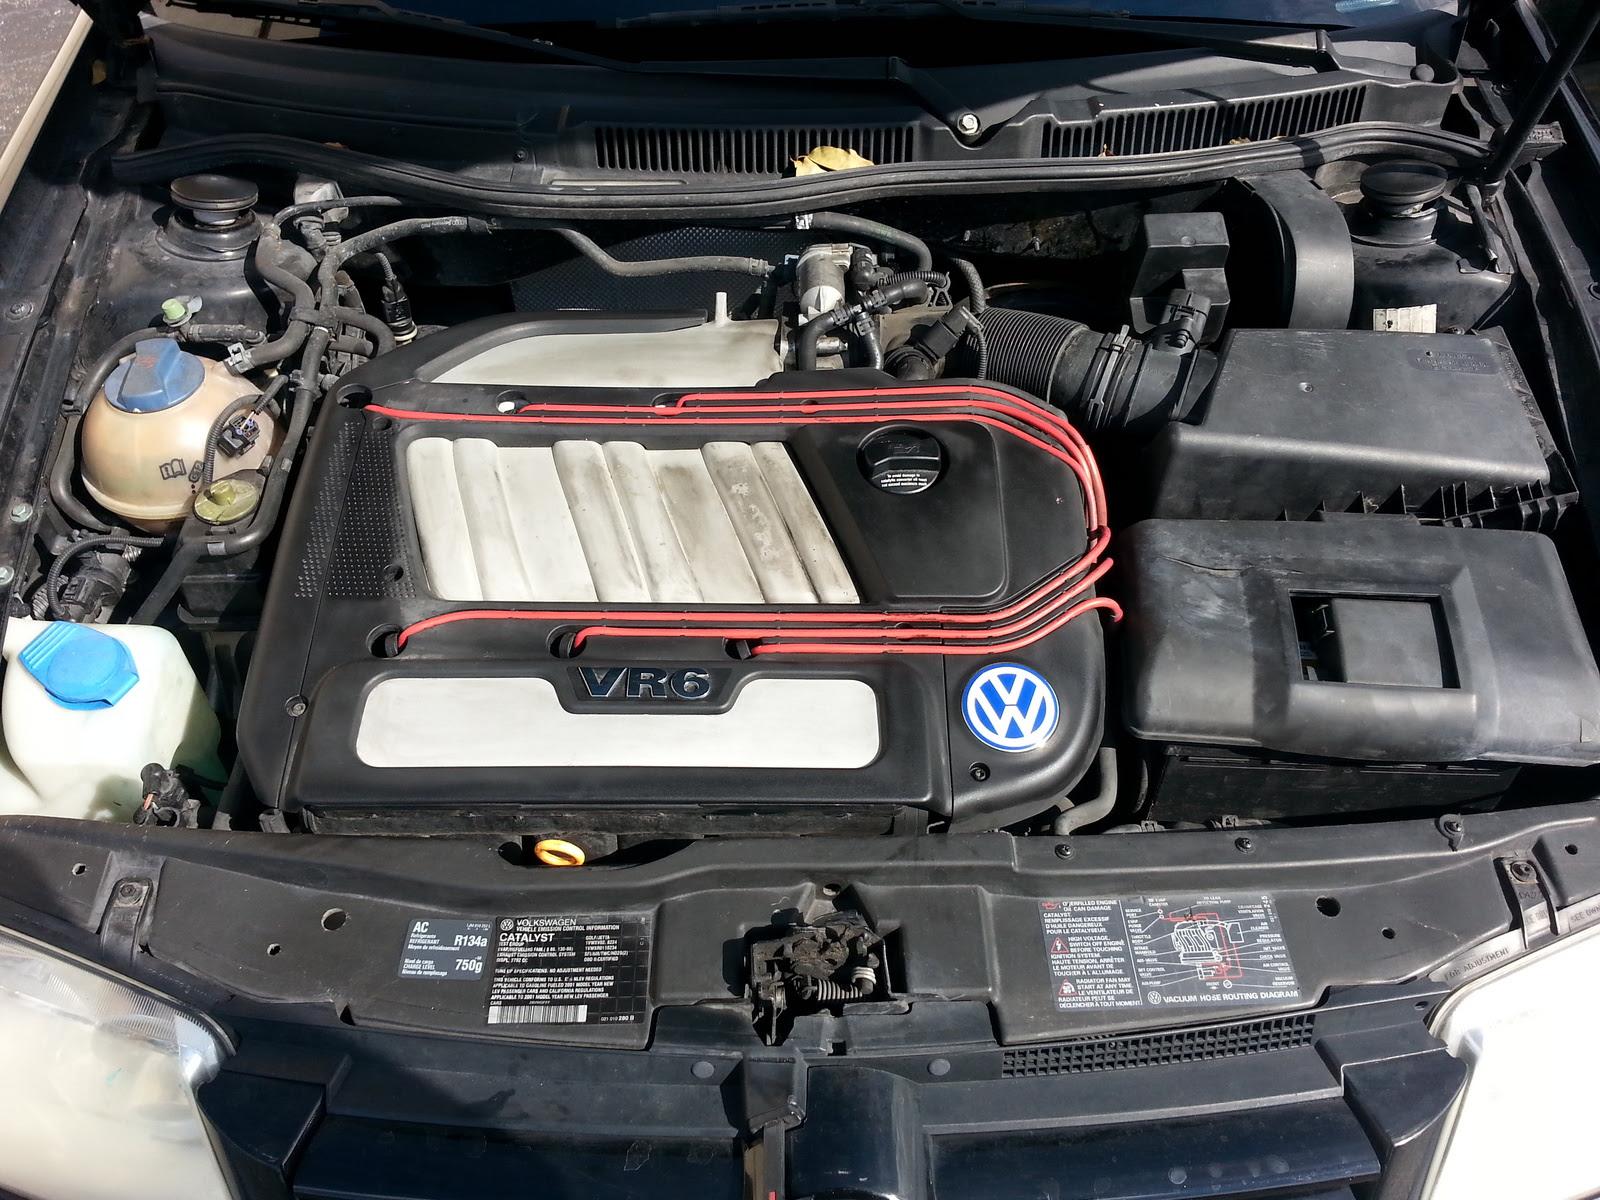 2001 Volkswagen Jetta - Pictures - CarGurus